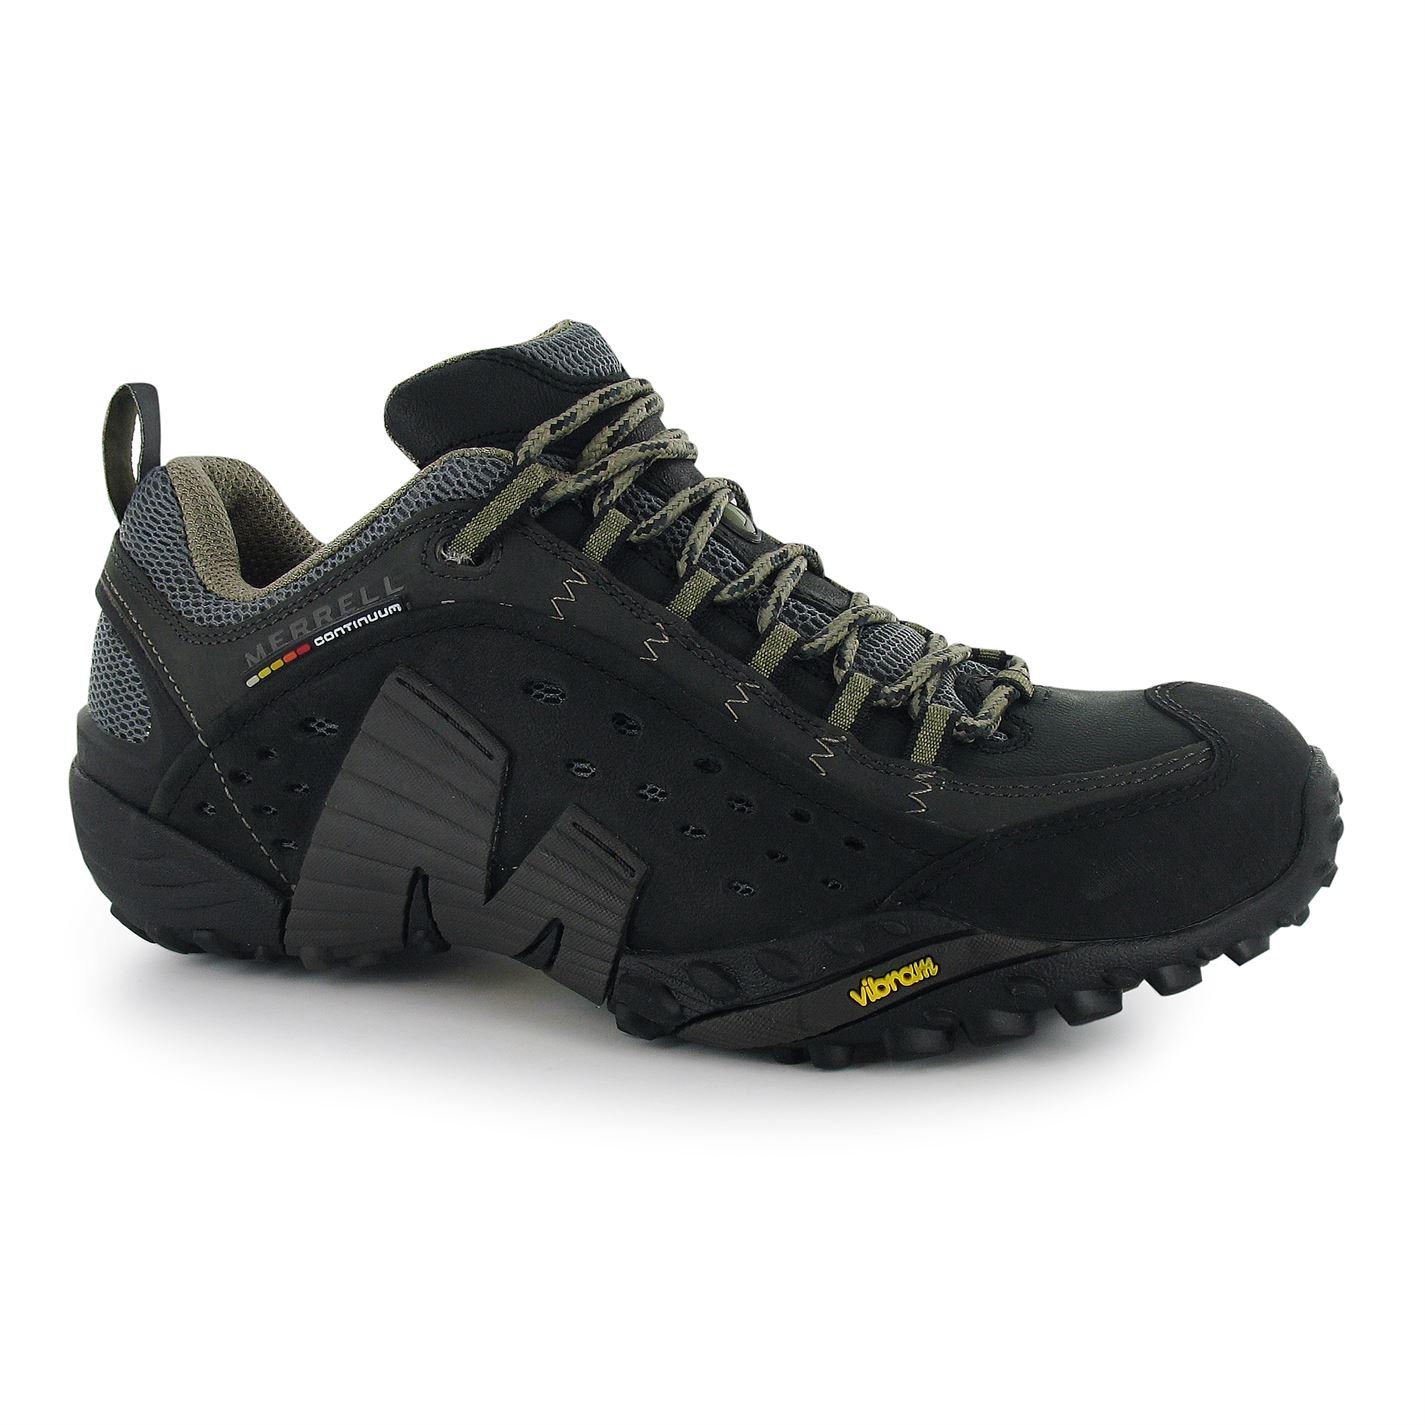 Merrell Intercept pánské Walking Shoes